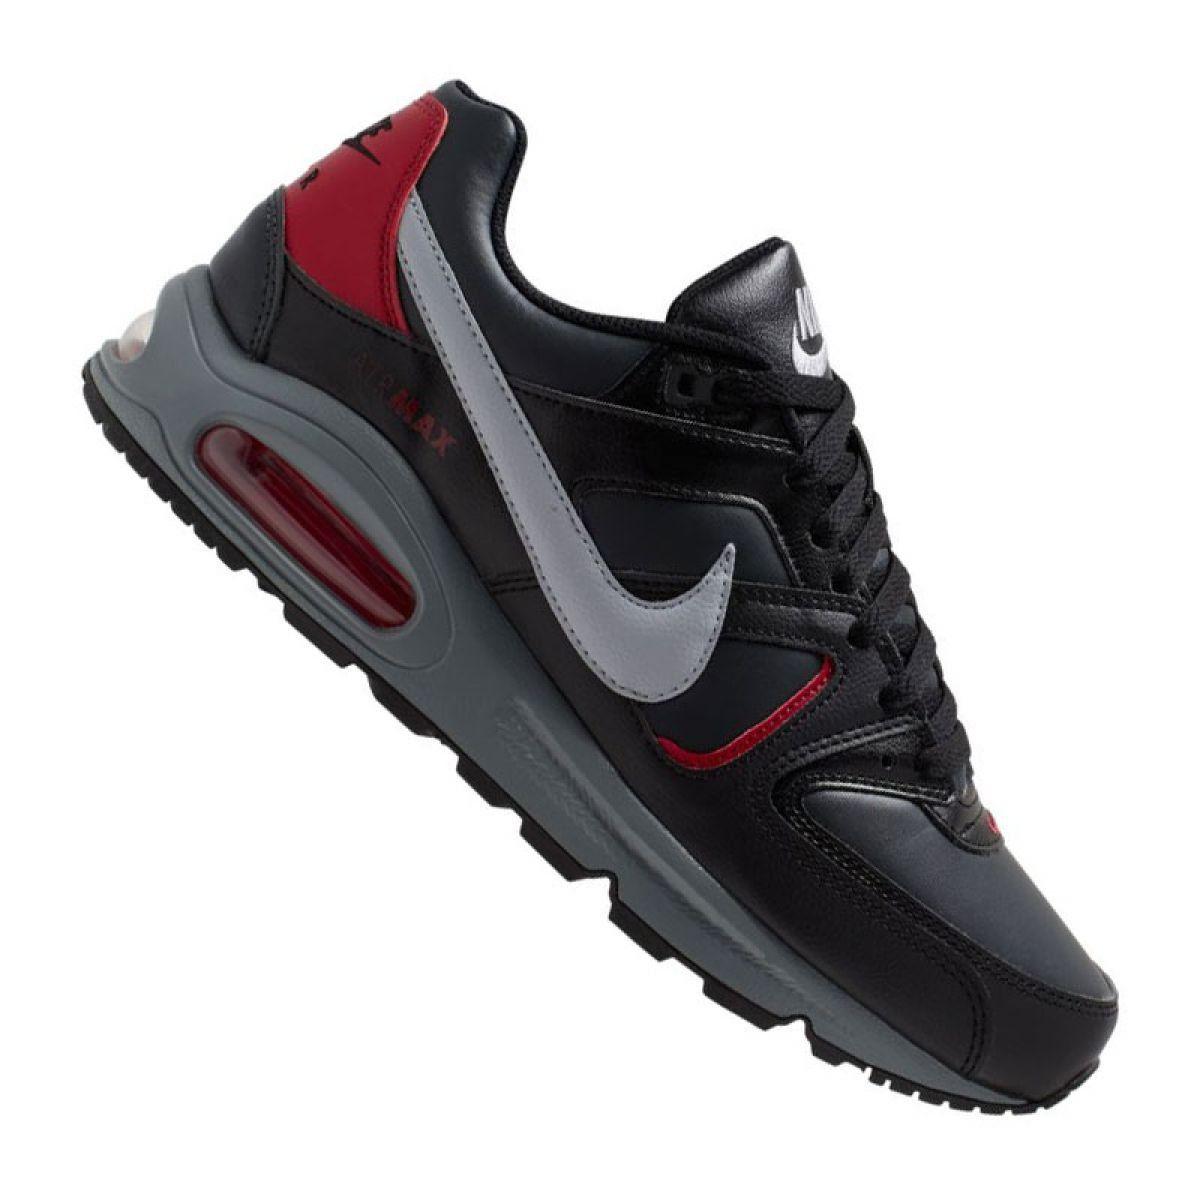 Buty Nike Air Max Command M Cd0873 001 Czarne Nike Air Max Nike Air Max Command Sneakers Nike Air Max